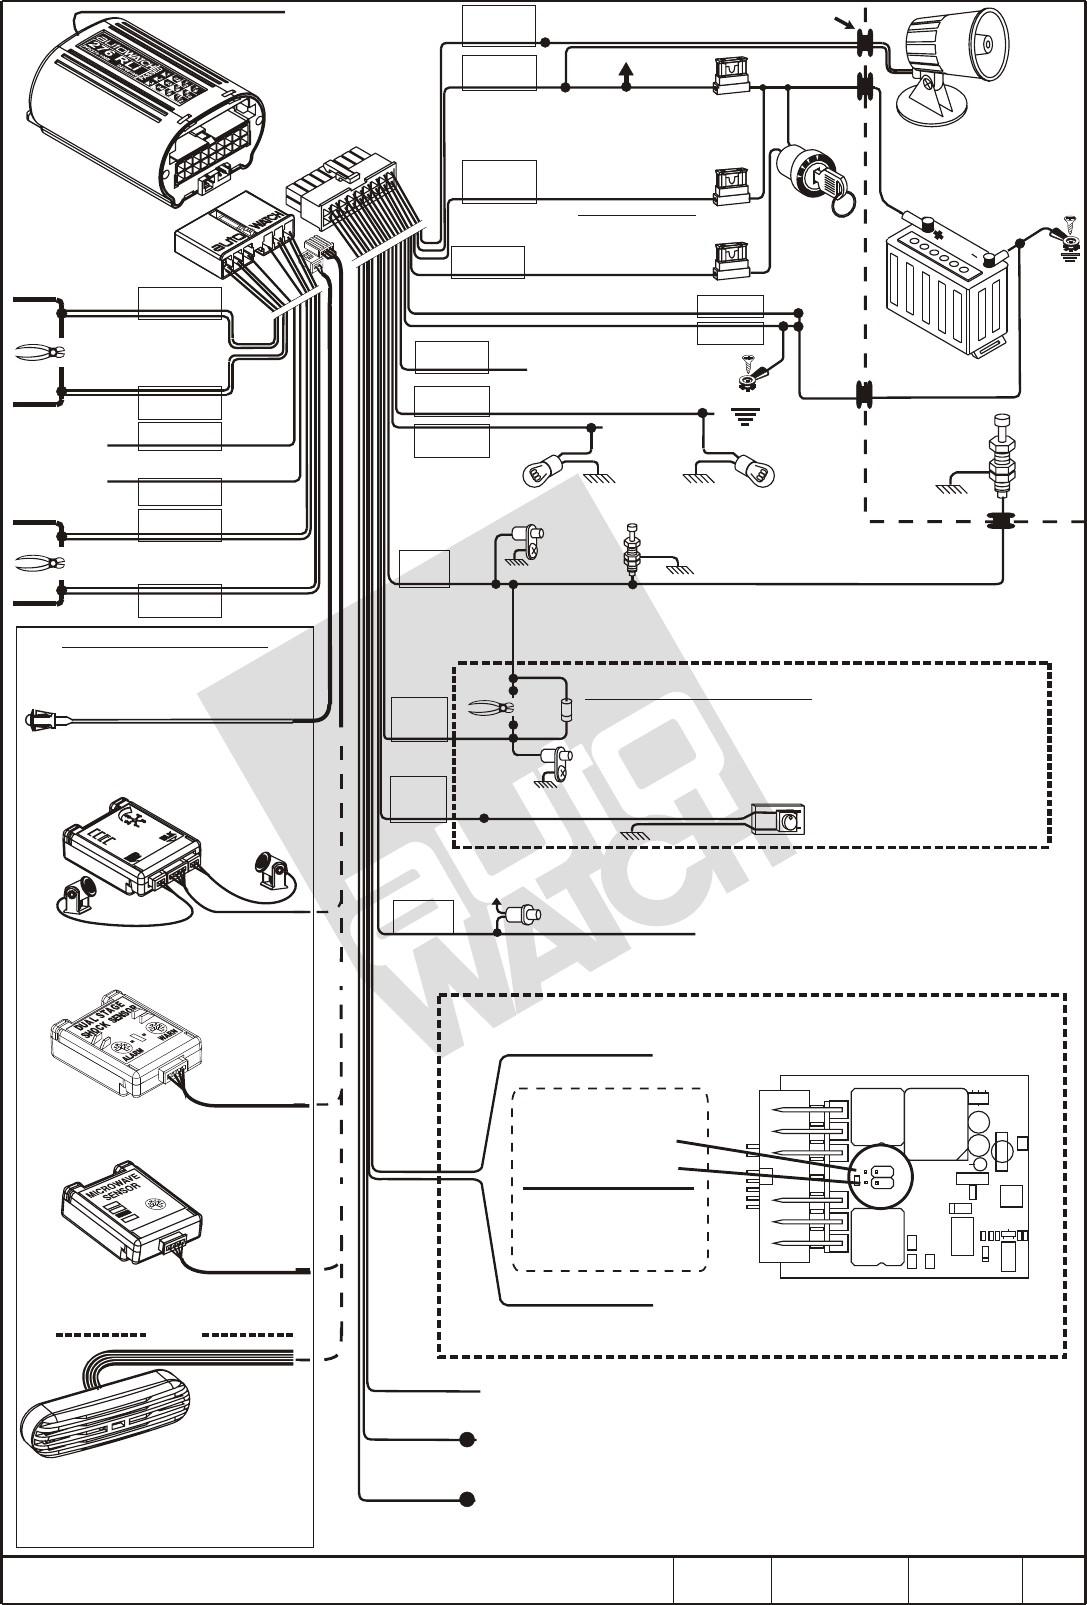 auto watch car alarm wiring diagram vm 2112  for car alarm wiring diagram  vm 2112  for car alarm wiring diagram